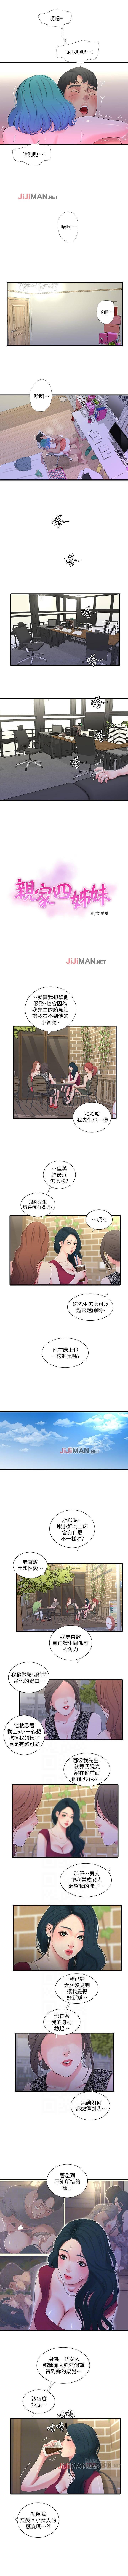 【周四连载】亲家四姐妹(作者:愛摸) 第1~27话 127